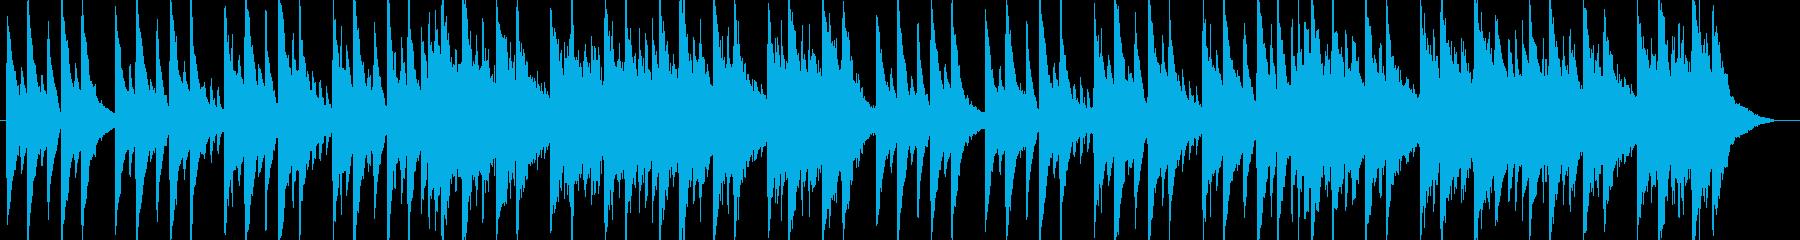 おやすみをイメージしたピアノBGMの再生済みの波形